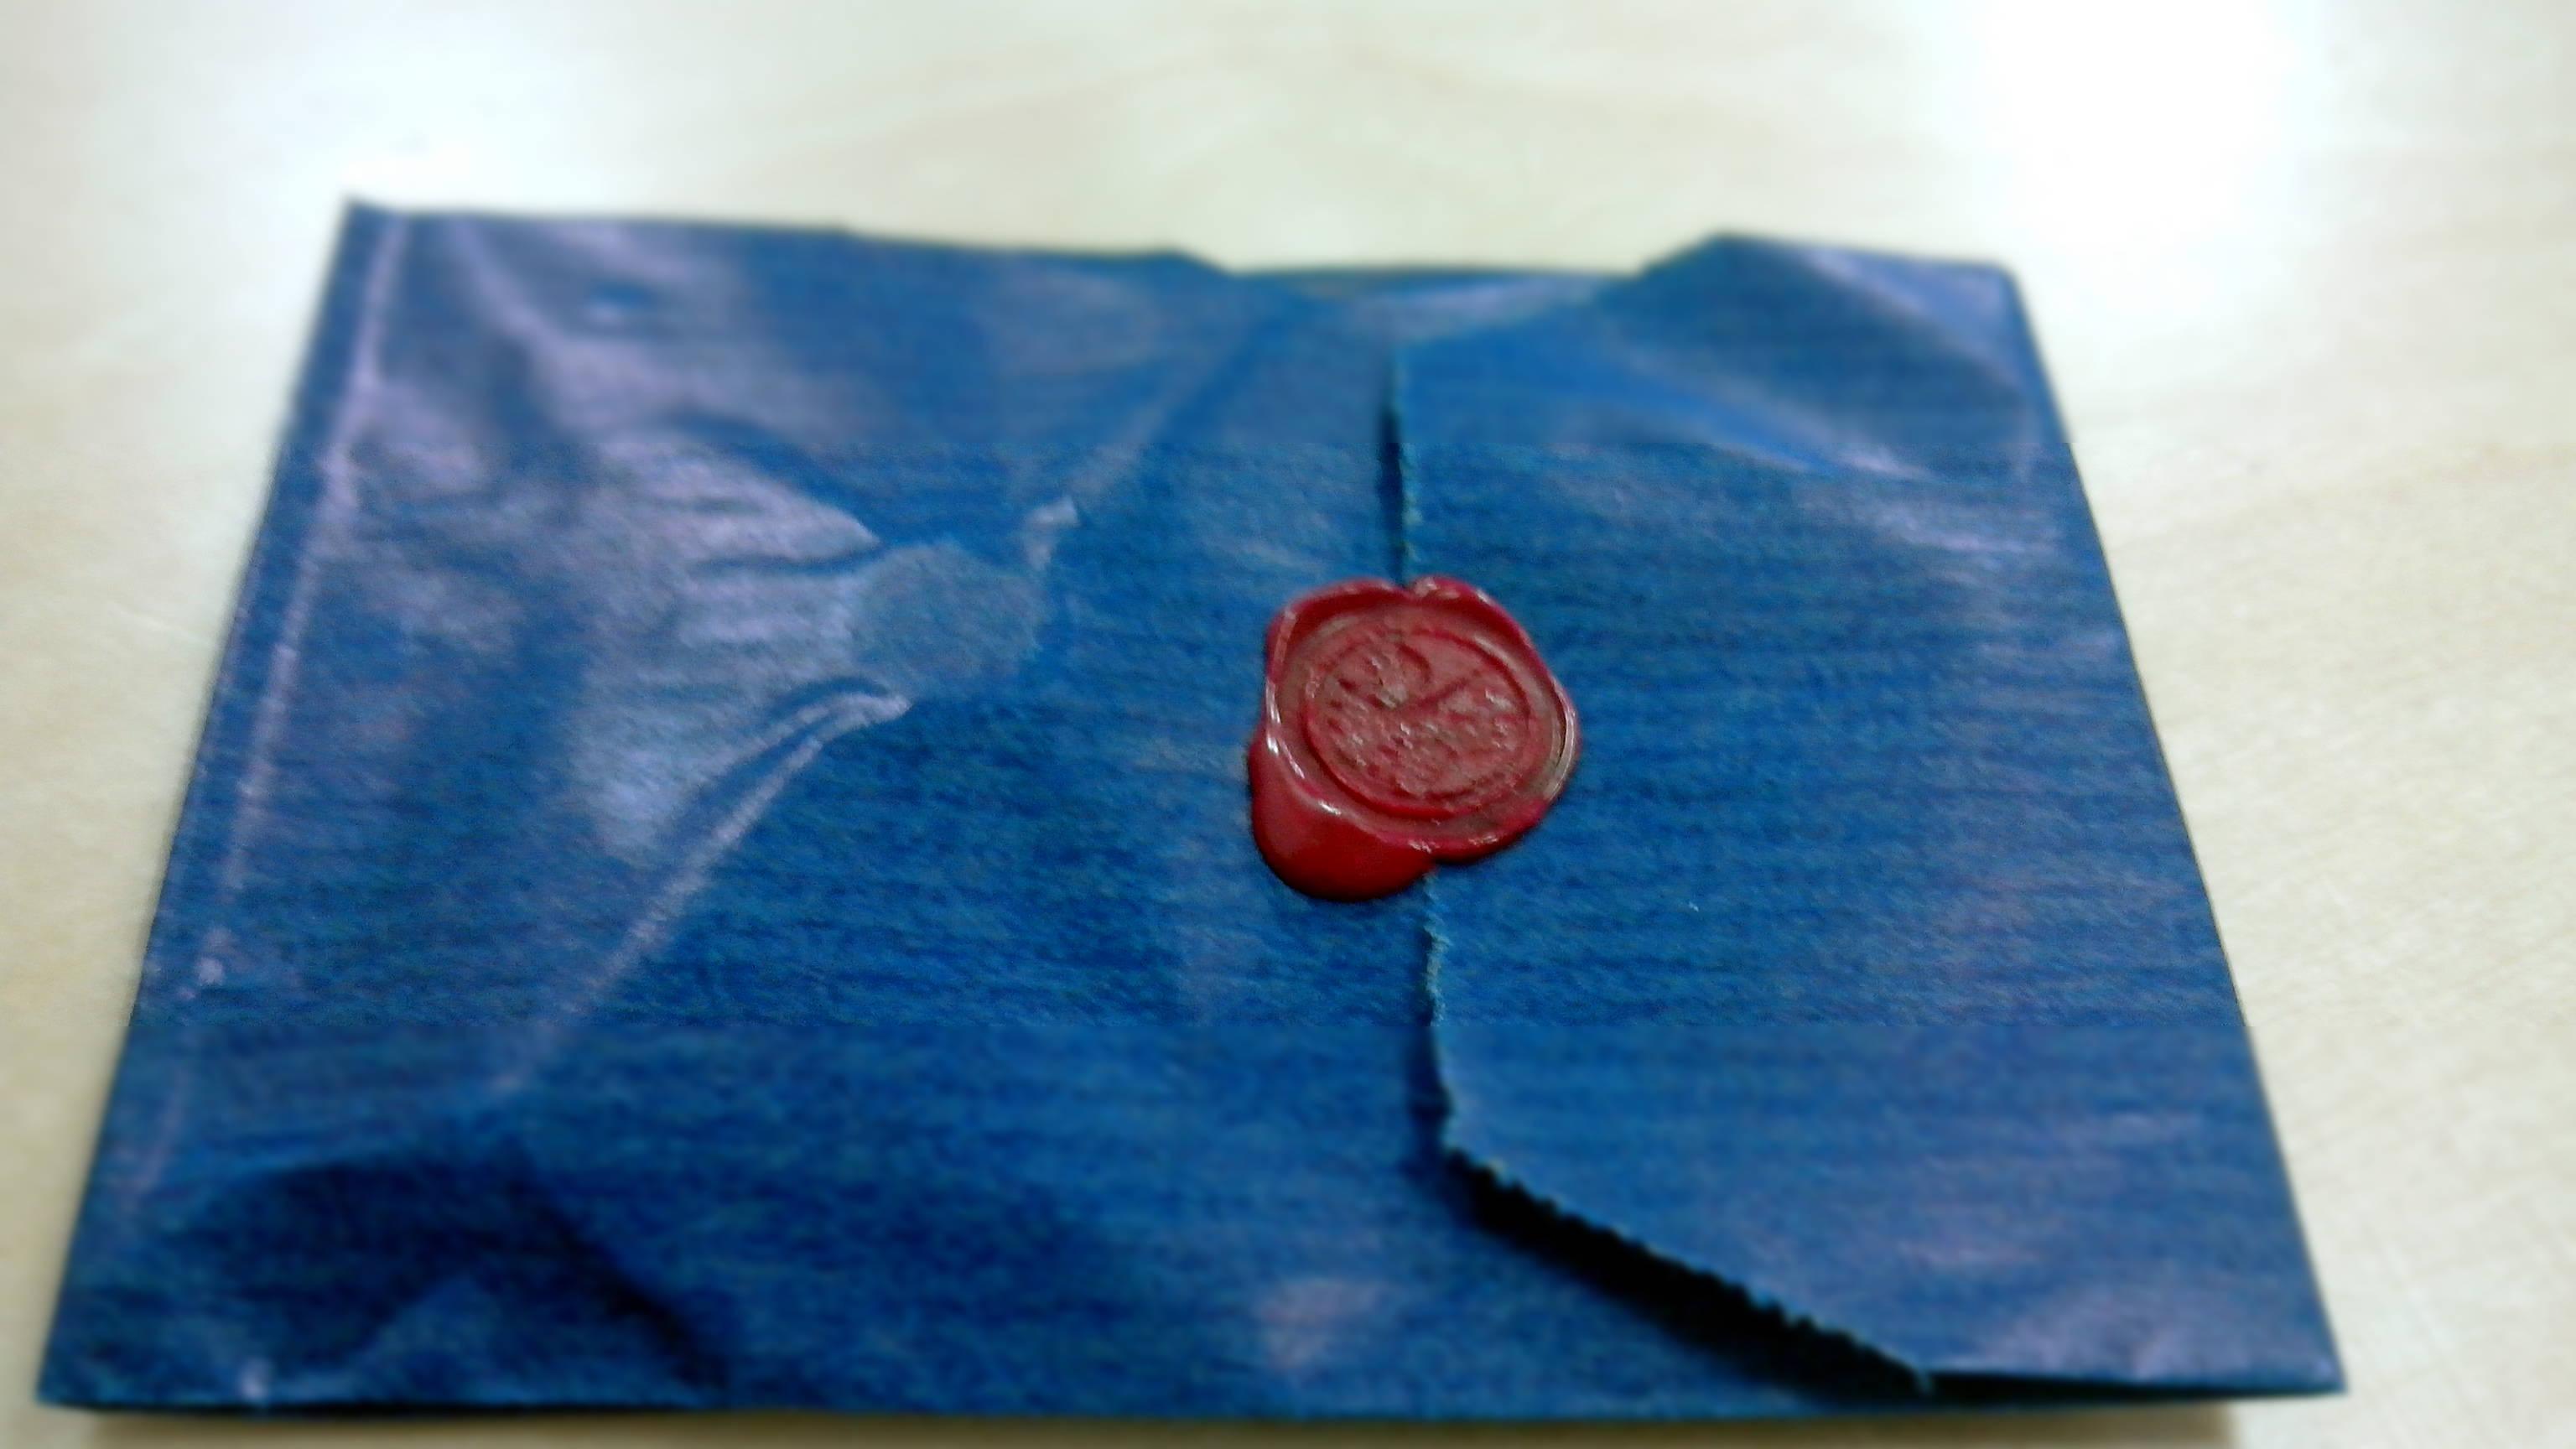 Qu'est-ce qu'il y avait dans ta boite aux lettres aujourd'hui? - Page 7 Barettes_2